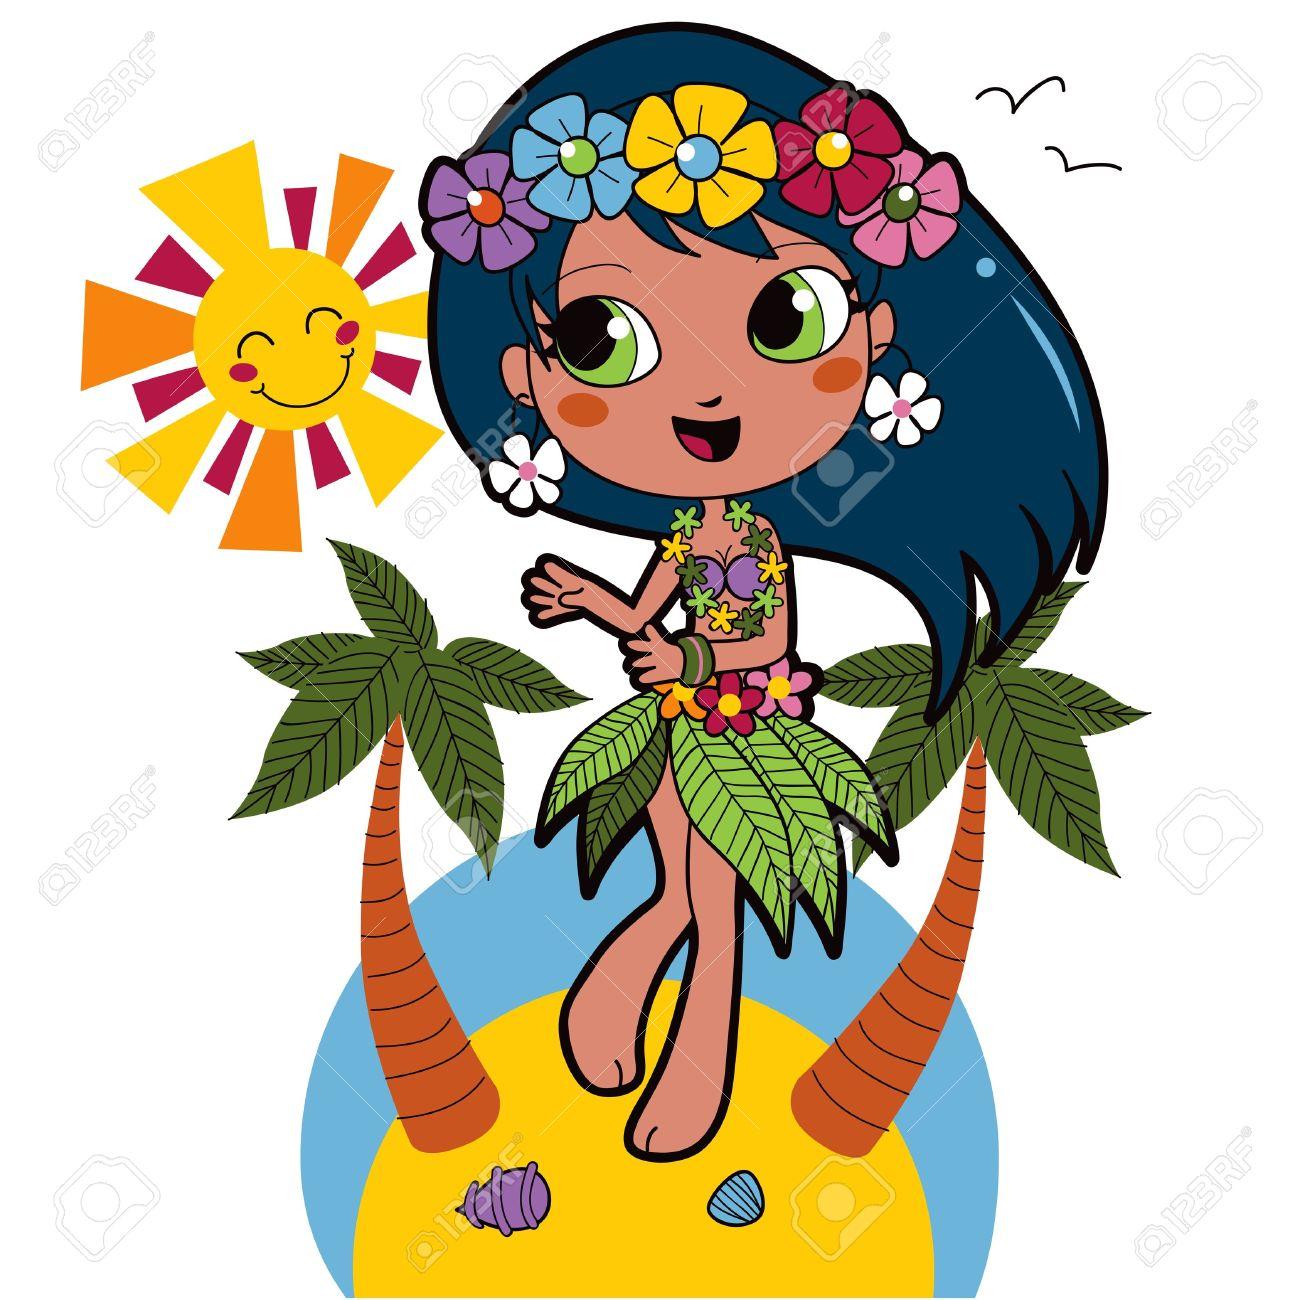 Cute hawaiian girl happy dancing on the beach with flower garland cute hawaiian girl happy dancing on the beach with flower garland on her hair stock vector izmirmasajfo